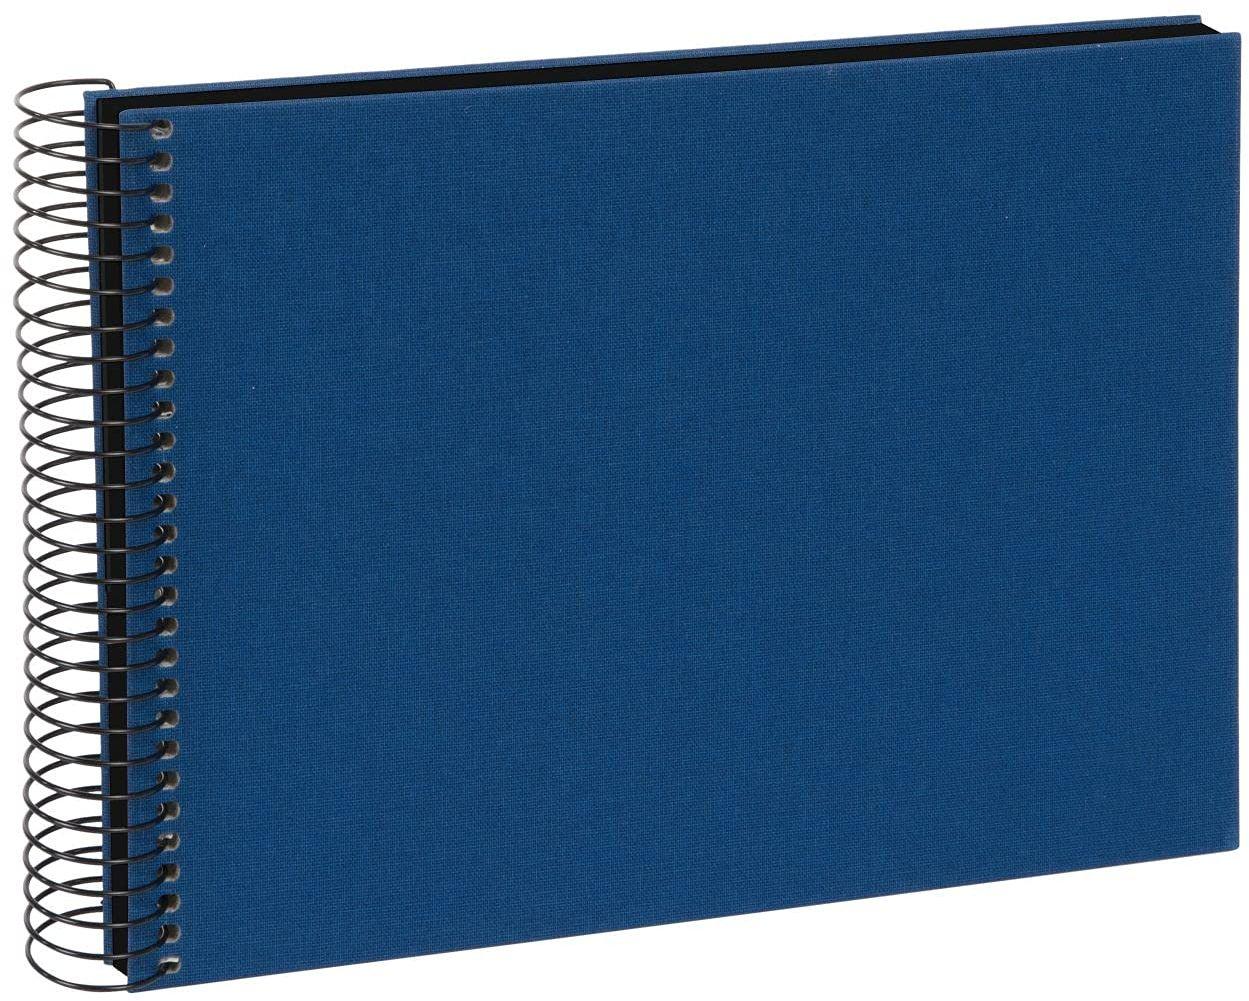 goldbuch 20996 album spiralny Bella Vista, album fotograficzny 24 x 17 cm, album fotograficzny z 40 czarnymi stronami, album na wspomnienia z lnu, fotoksiążka do wklejania, niebieski